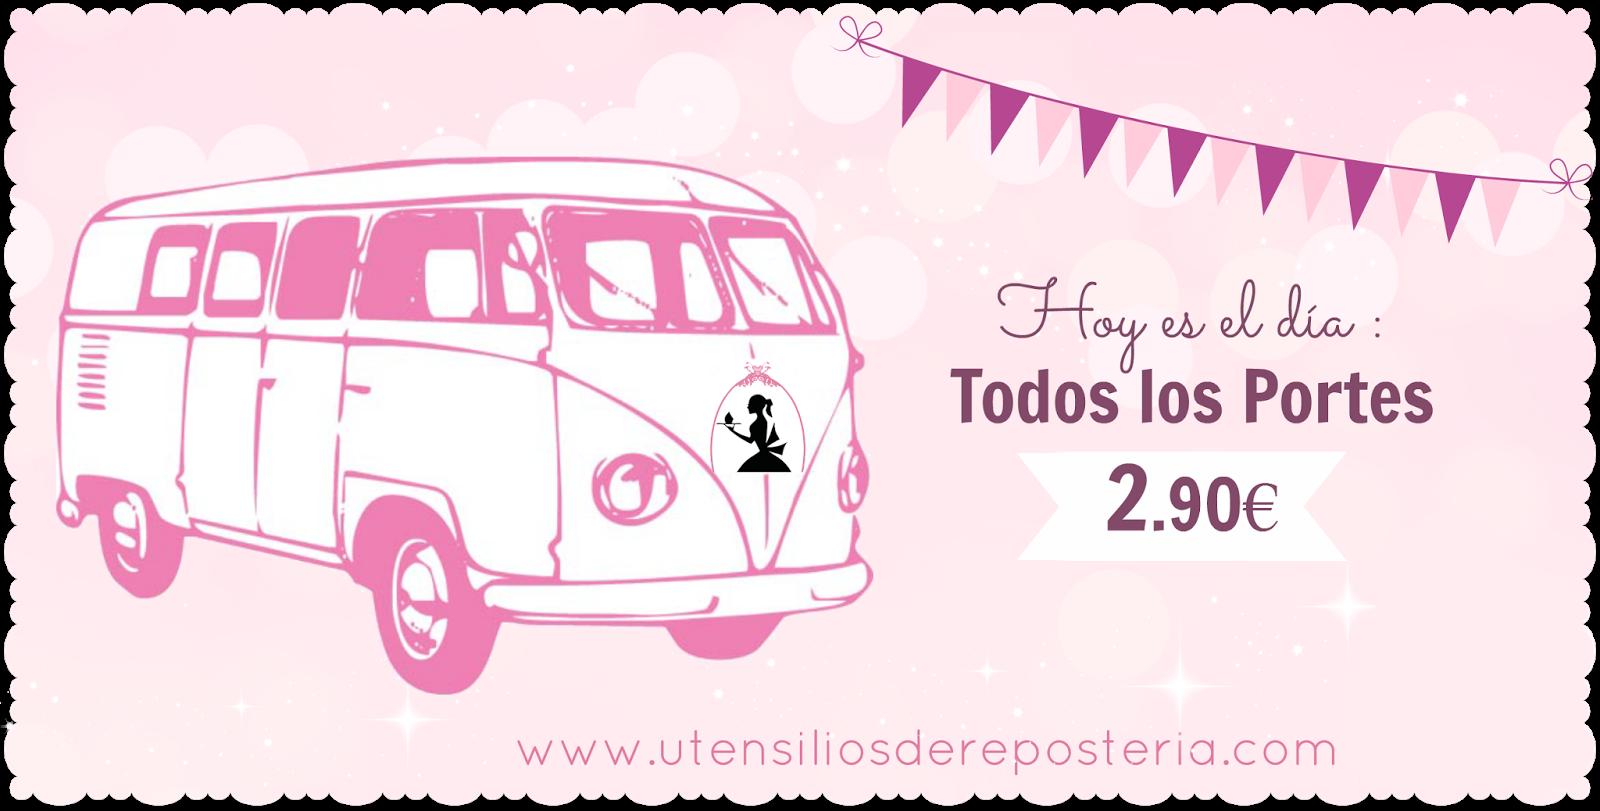 www.utensiliosdereposteria.com